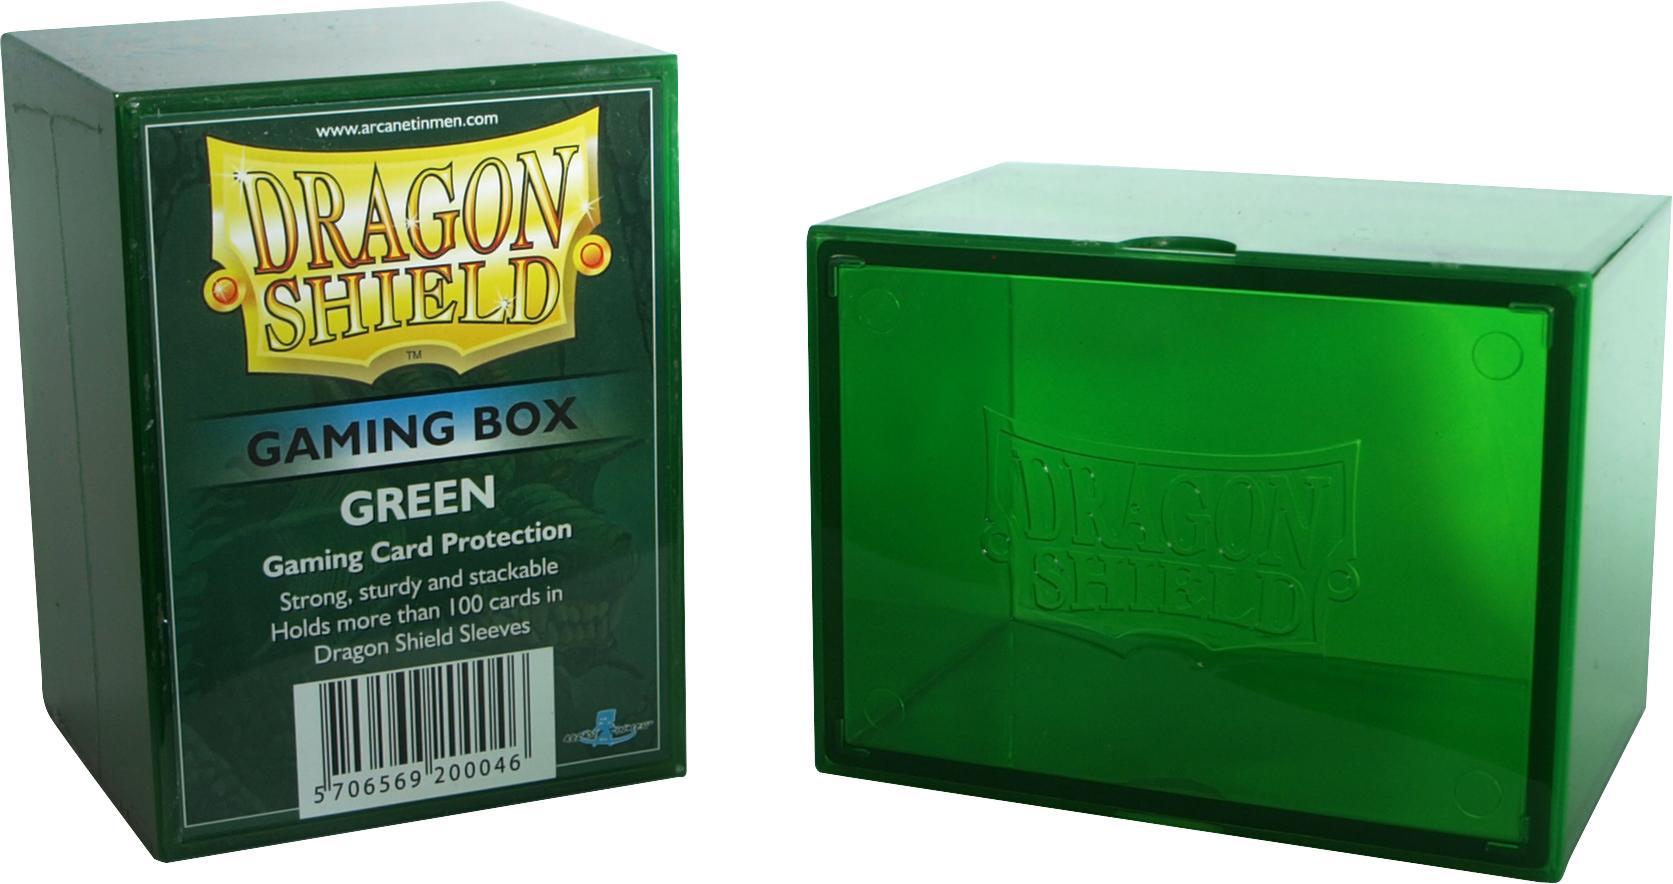 GAMING BOX - GREEN (CONTIENE PIU' DI 100 CARTE CON LE BUSTE)